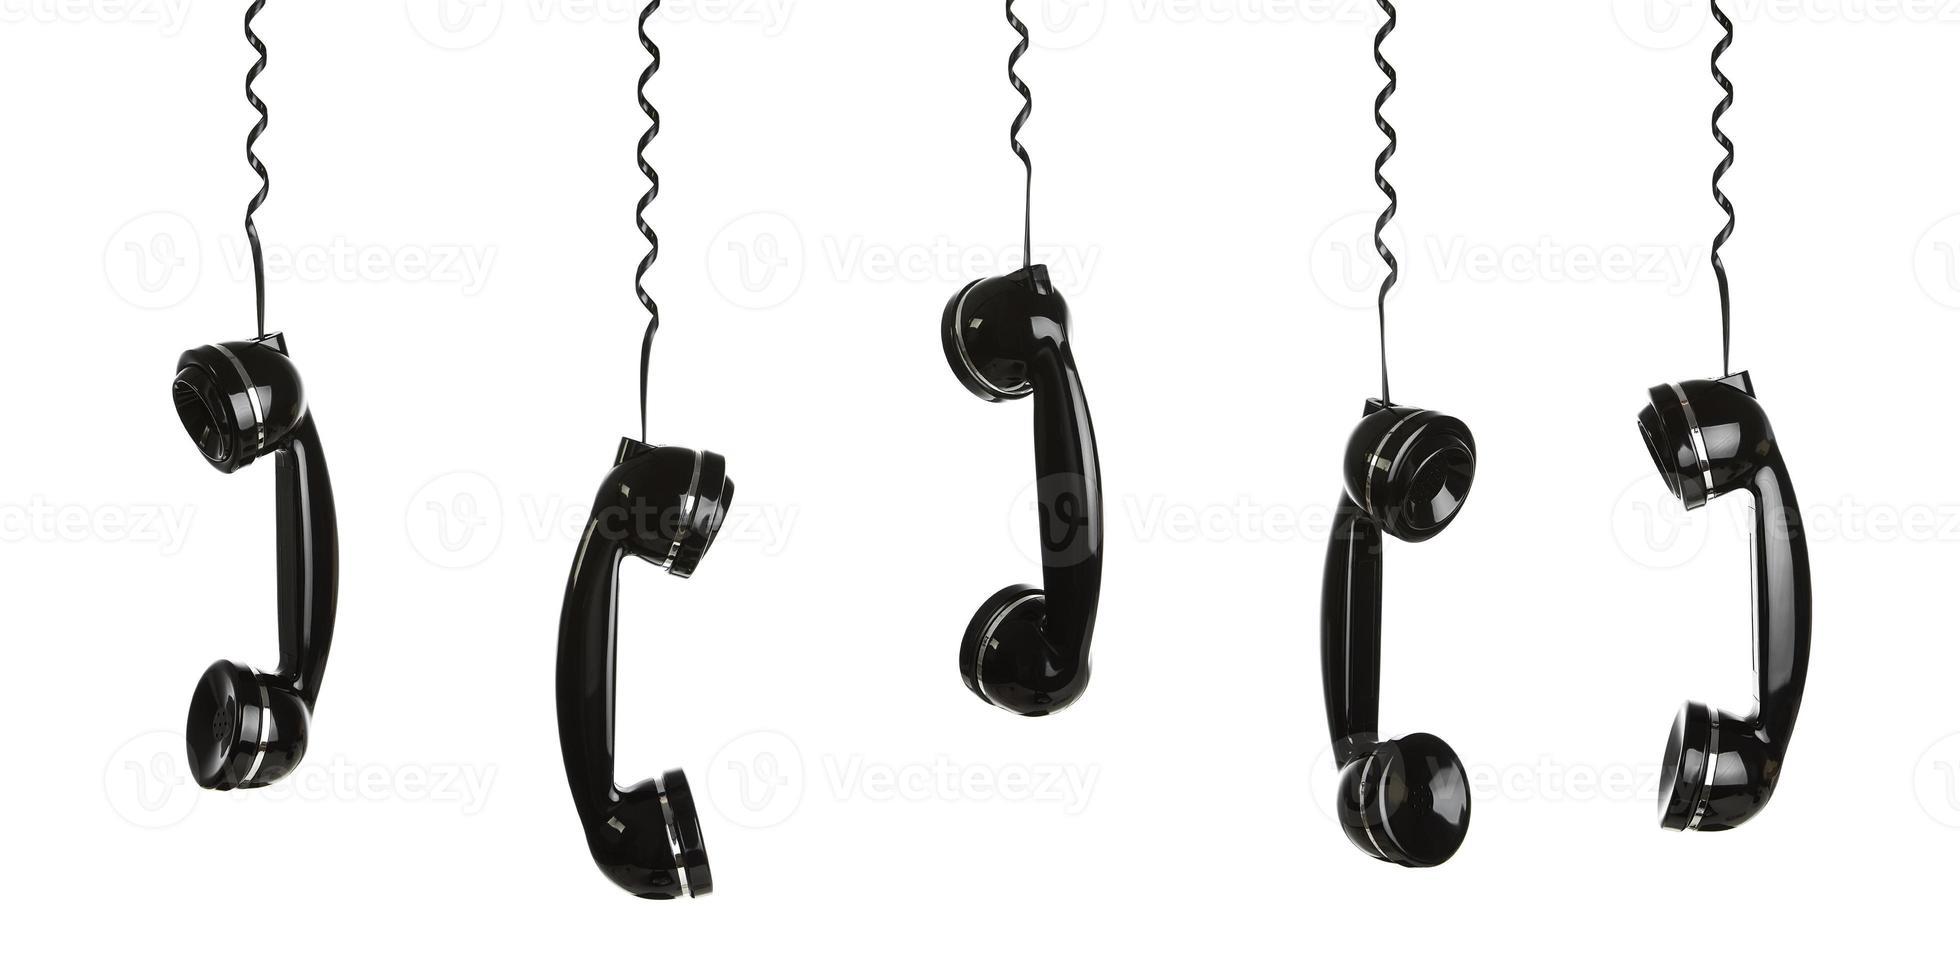 téléphones rétro suspendus par leurs cordons téléphoniques photo